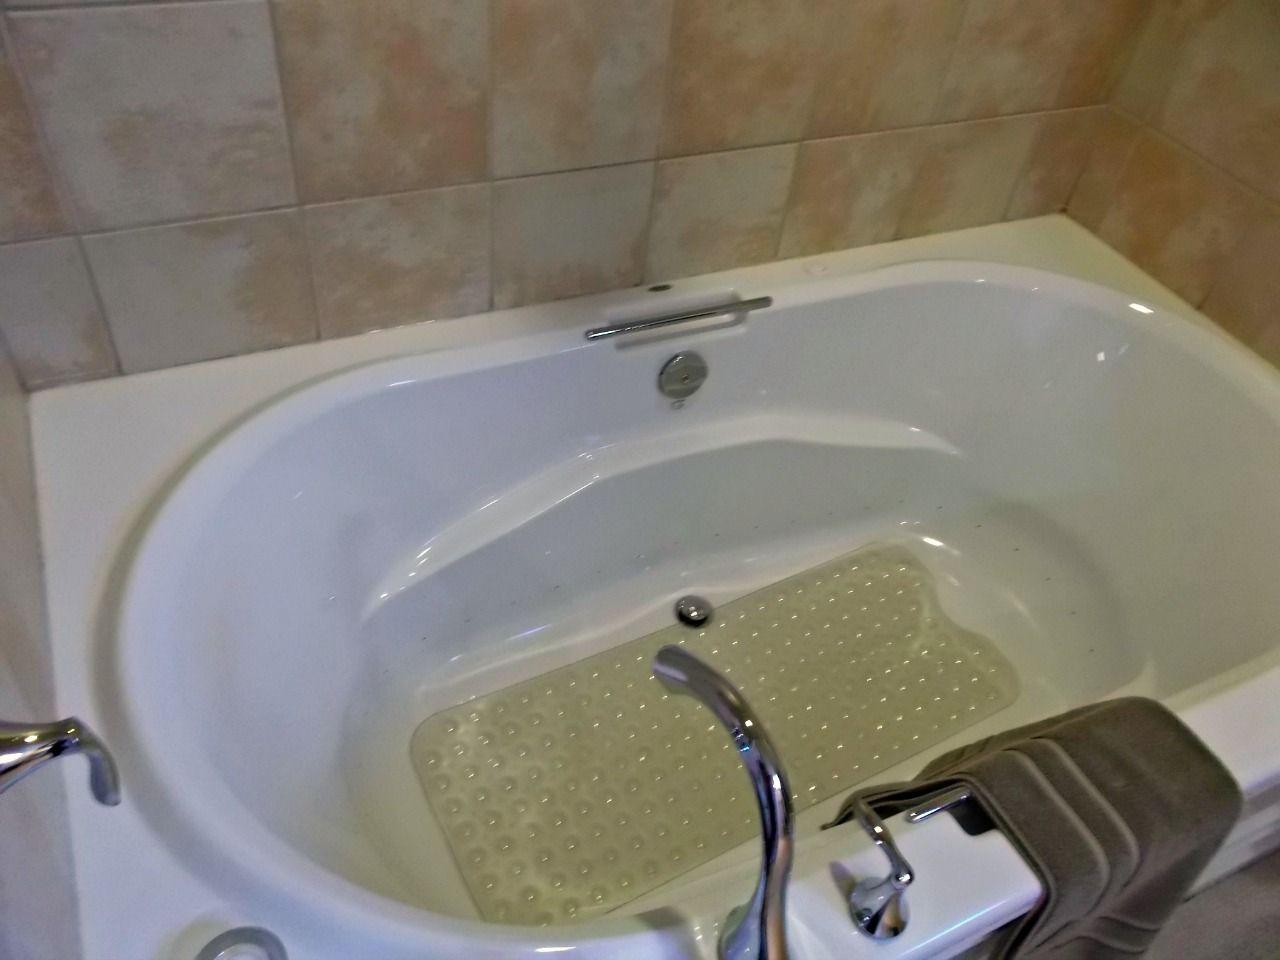 Unit #10 air massage tub   Air-Massage Tubs   Pinterest   Tubs